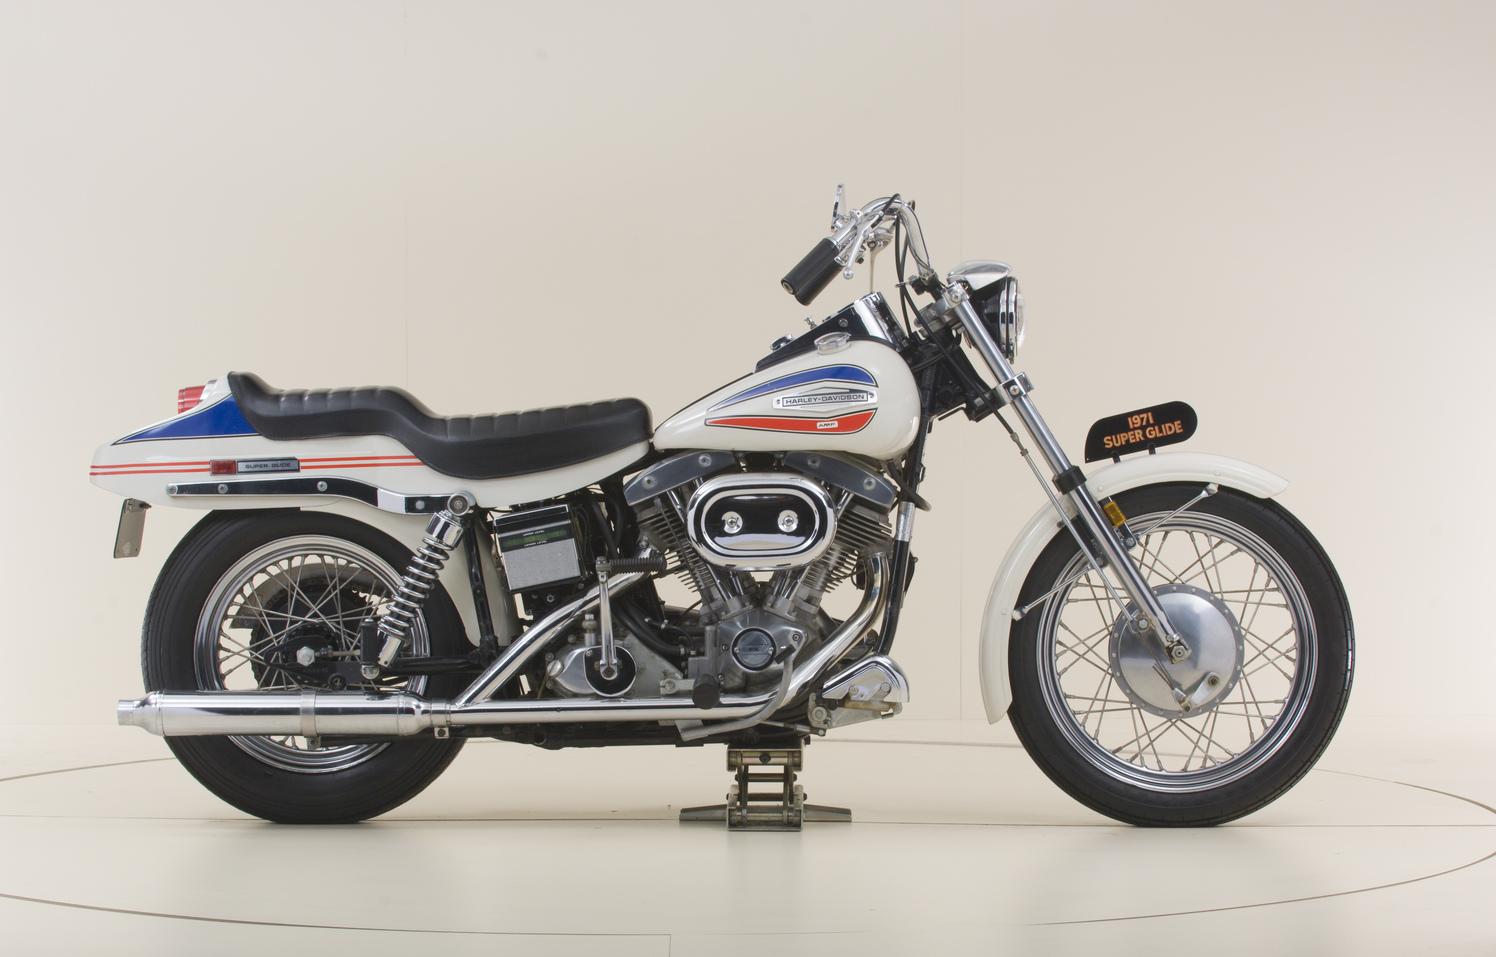 Modelo FX - Super Glide de 1971